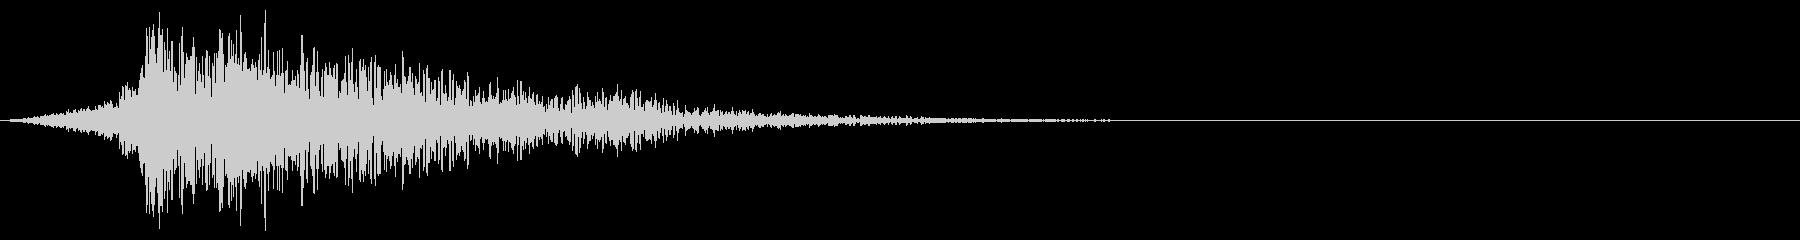 ドオォーン/インパクト/アタックの未再生の波形